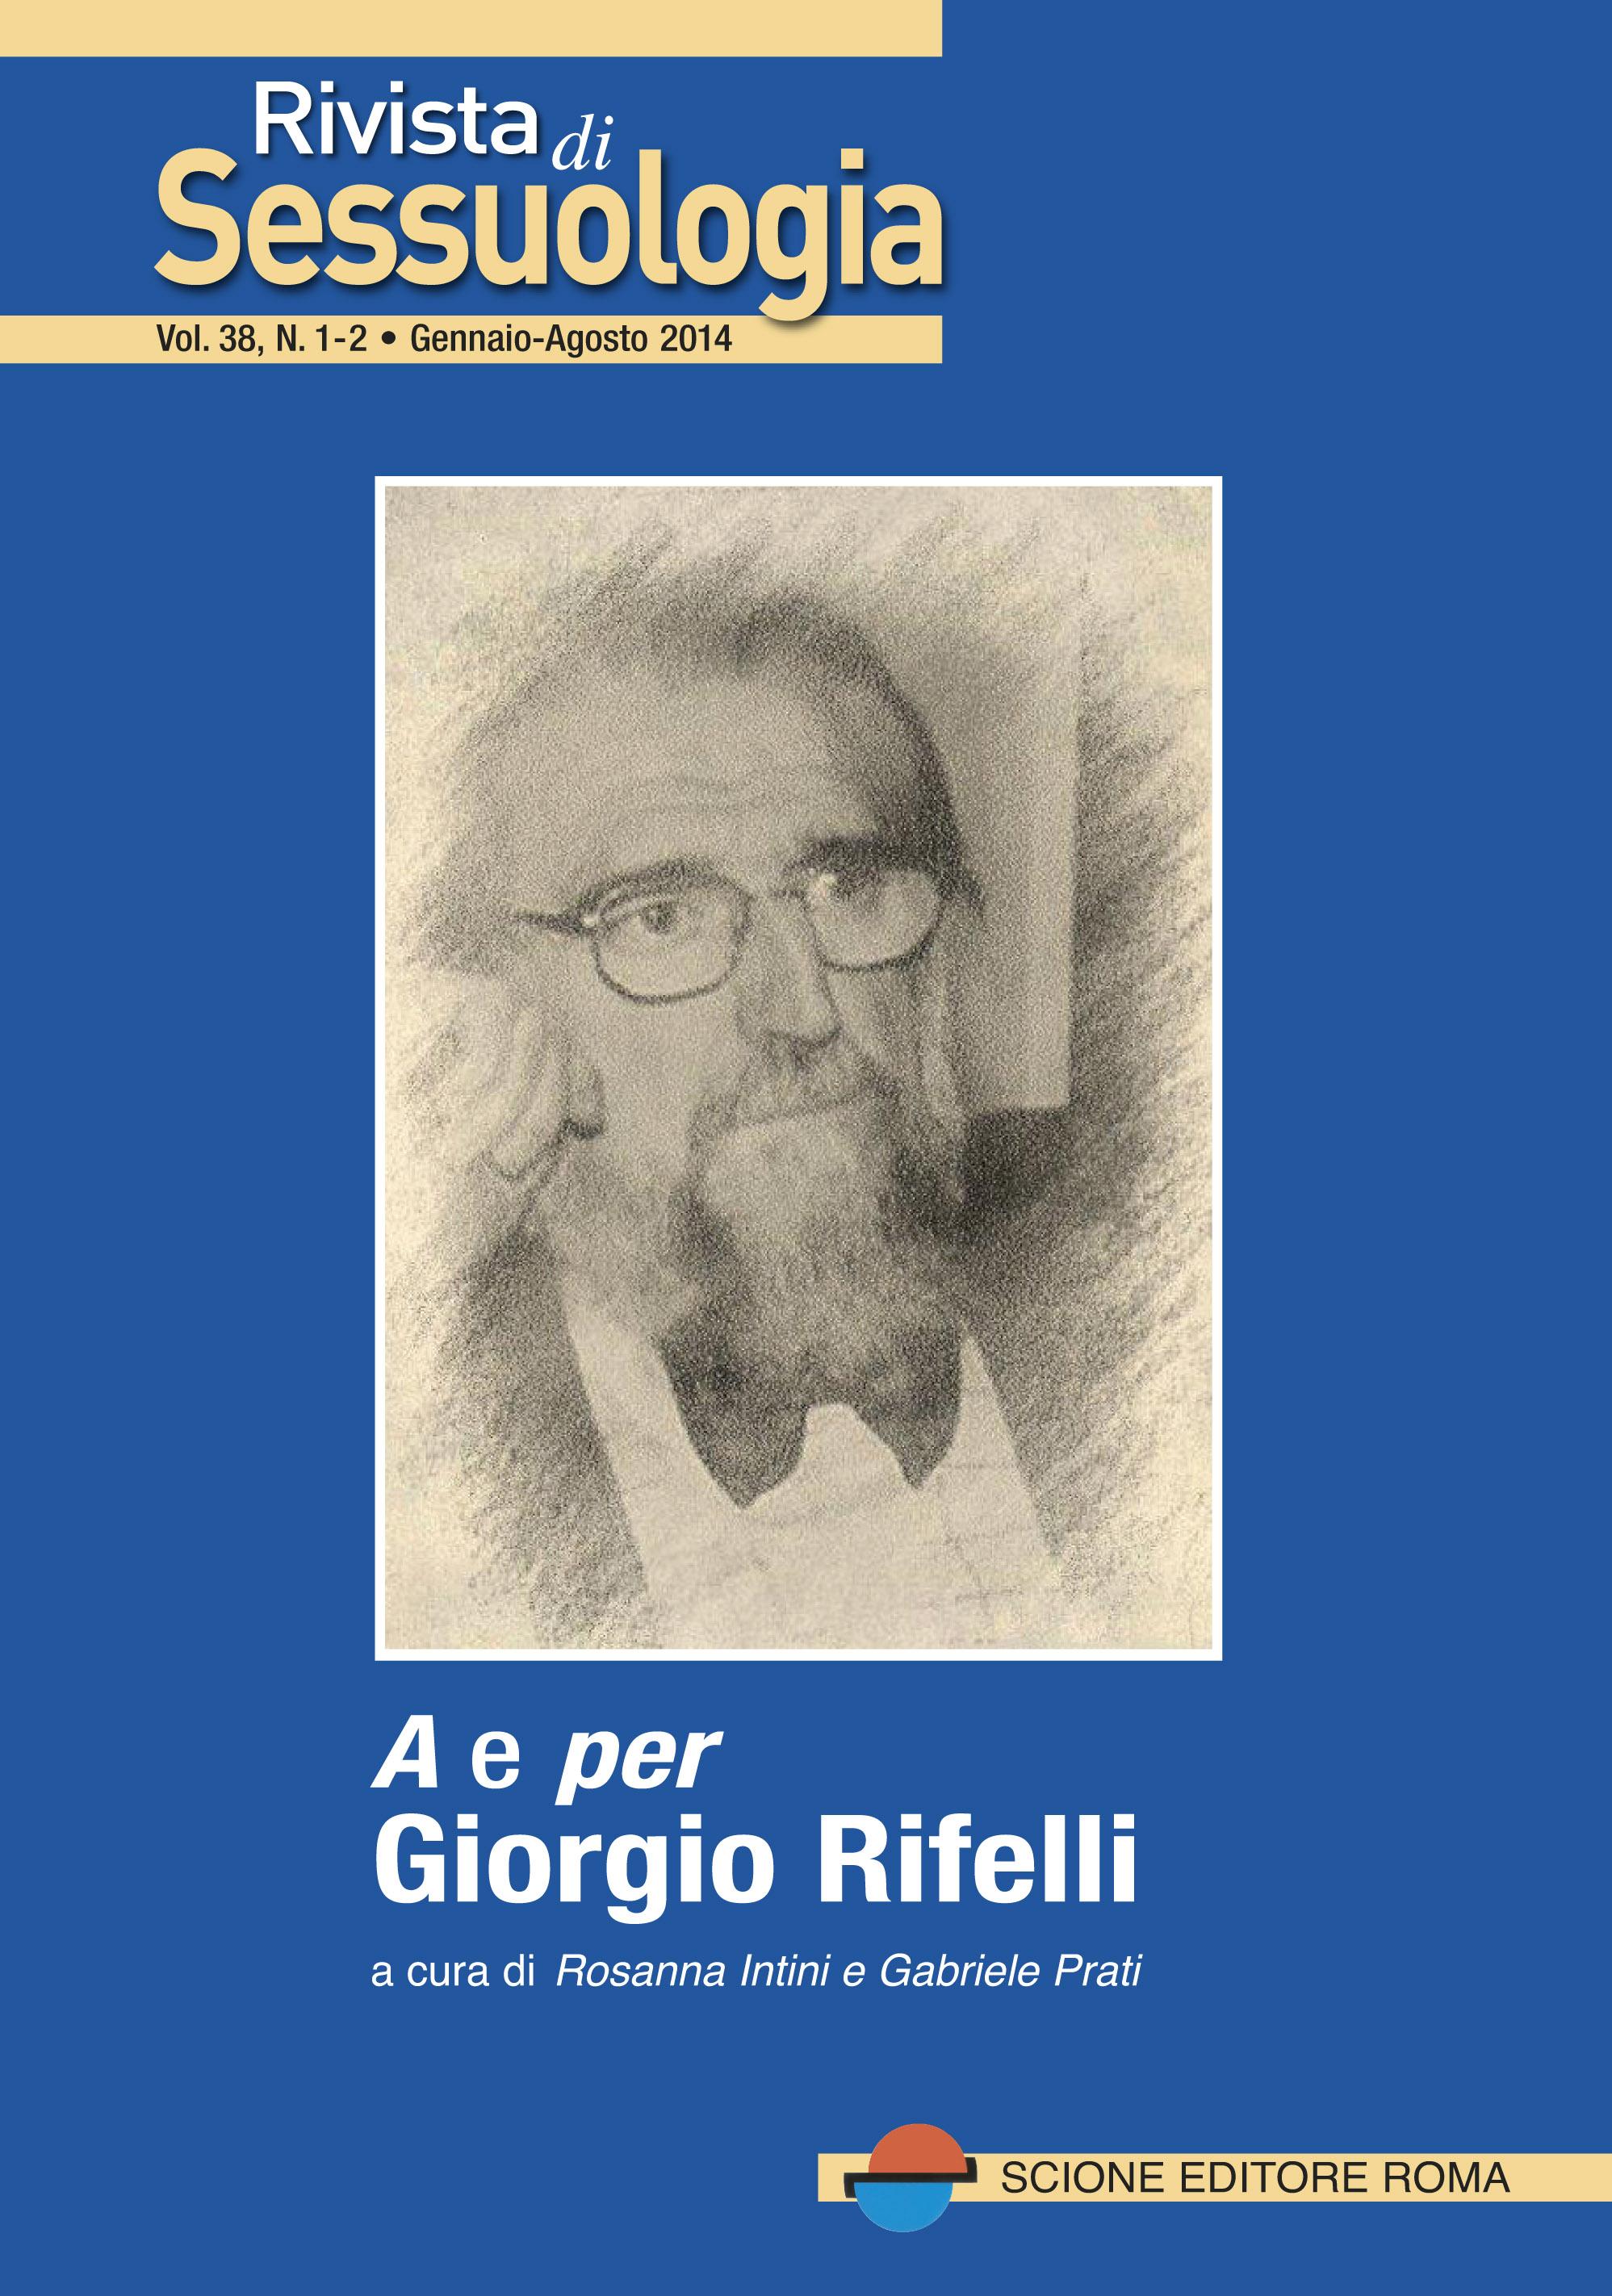 Rivista centro di sessuologia per Giorgio Rifelli